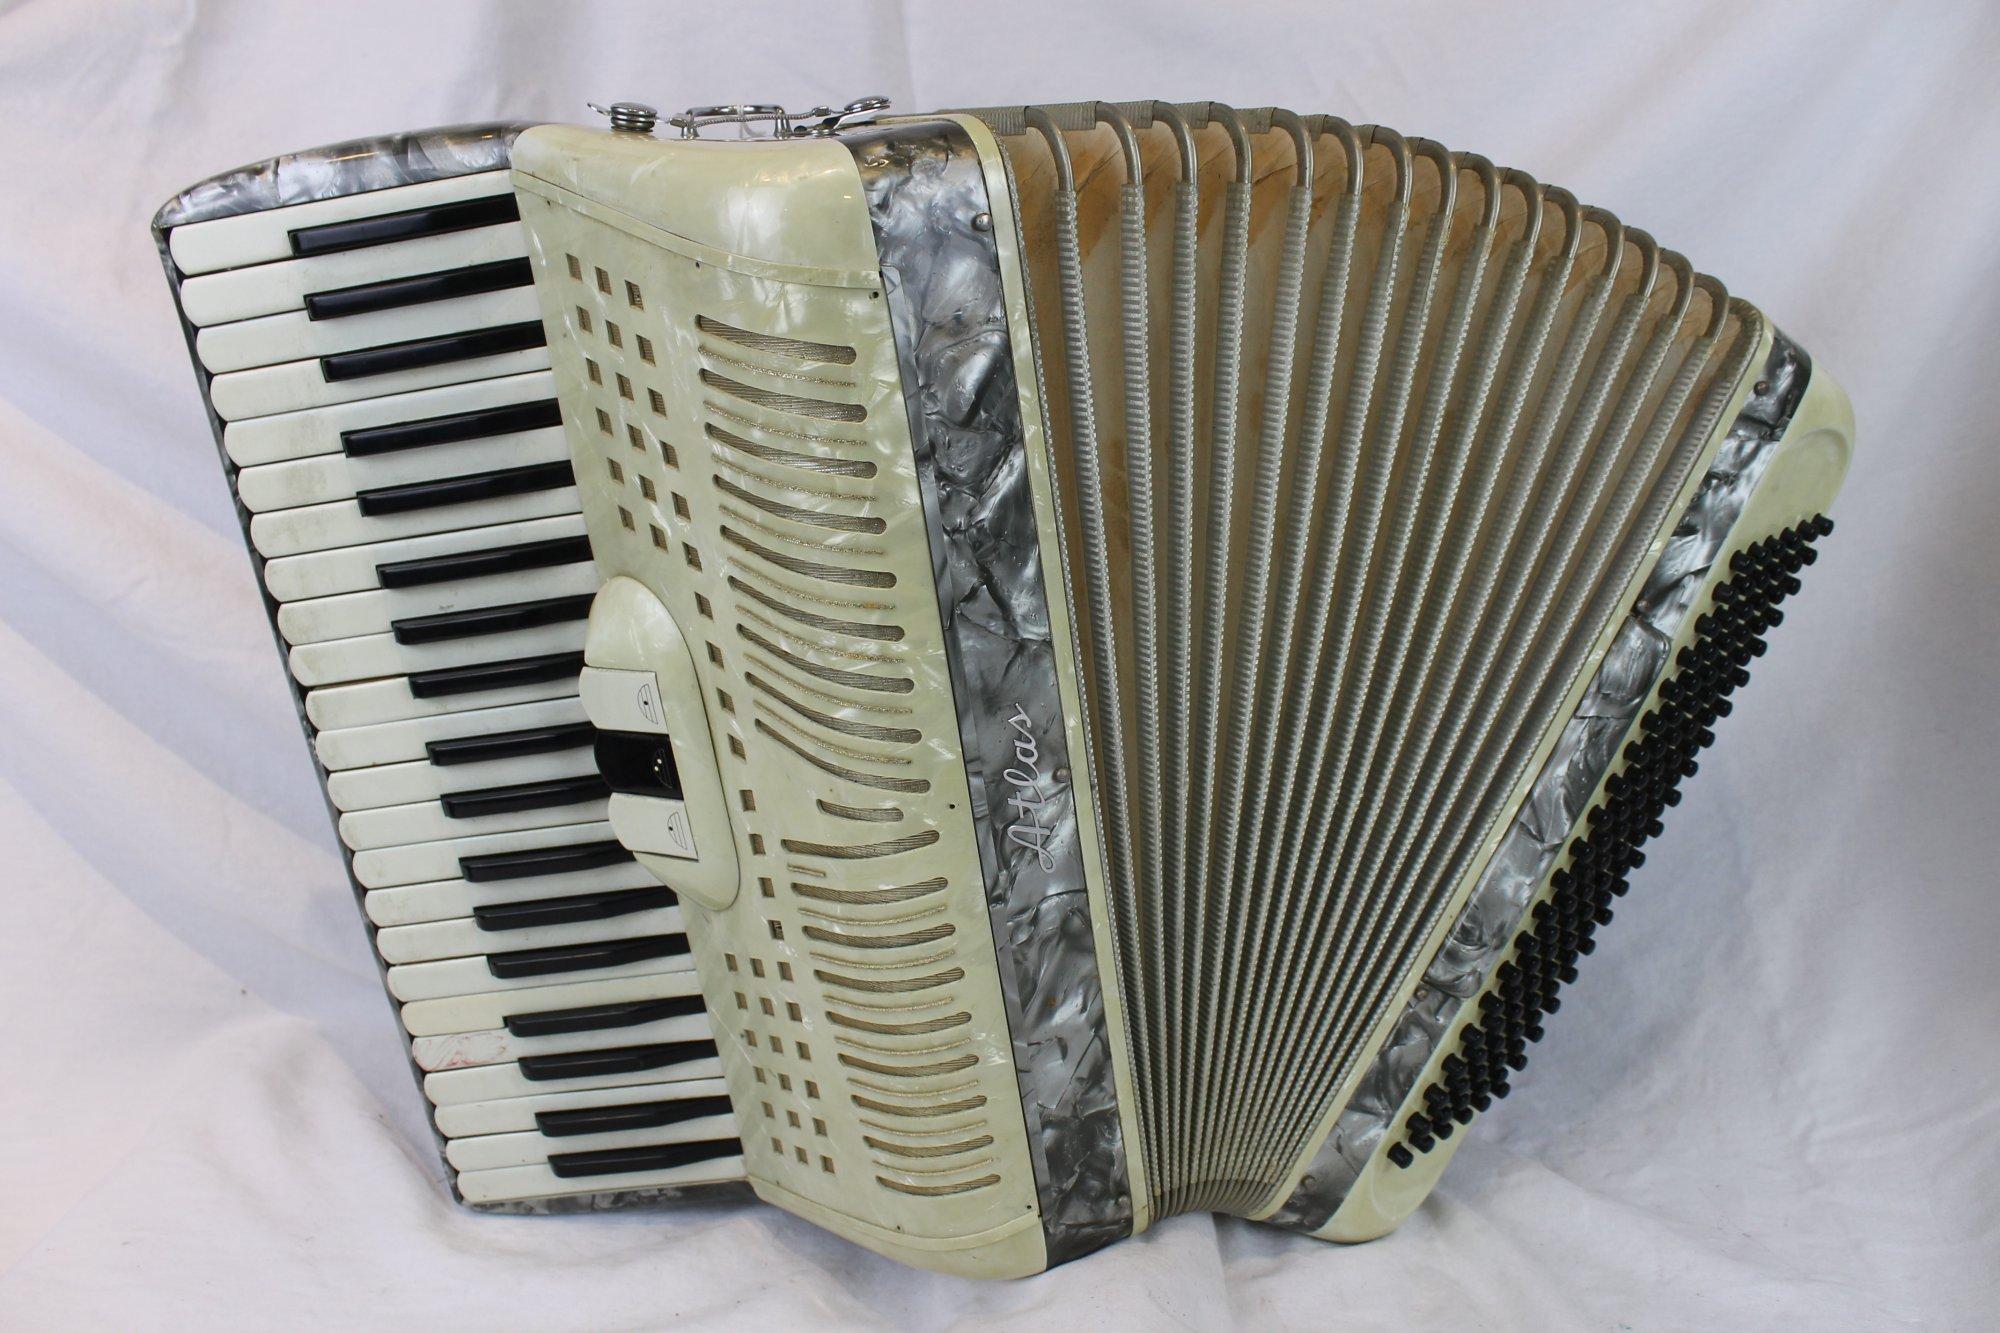 6037 - Silver Atlas Century Piano Accordion LM 41 120